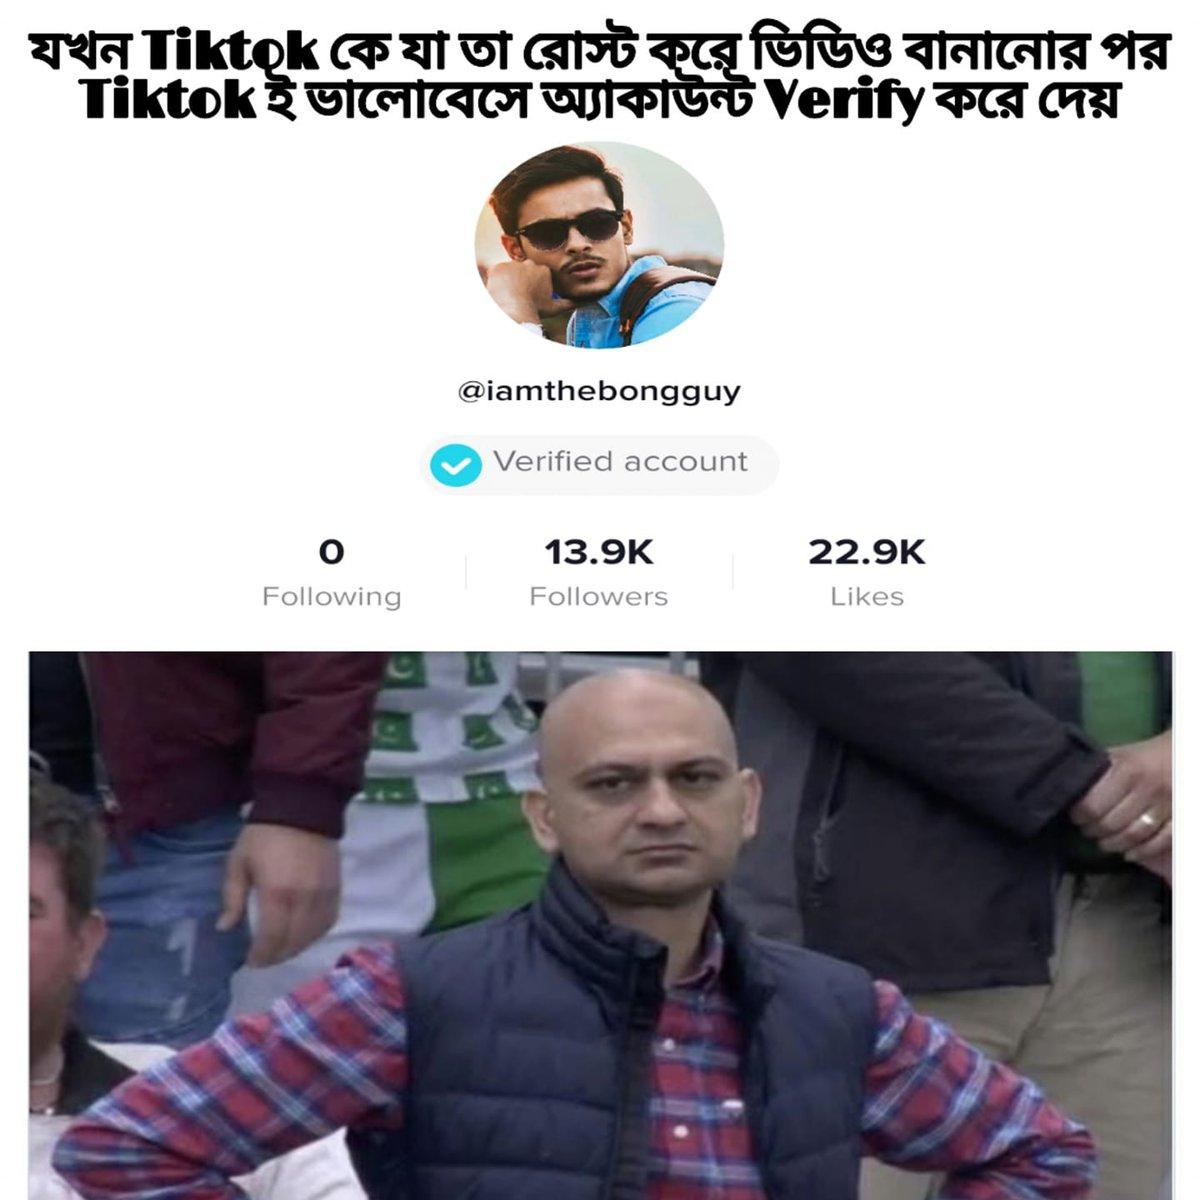 Kiran Dutta (@TheBongGuy) on Twitter photo 19/09/2019 09:10:18